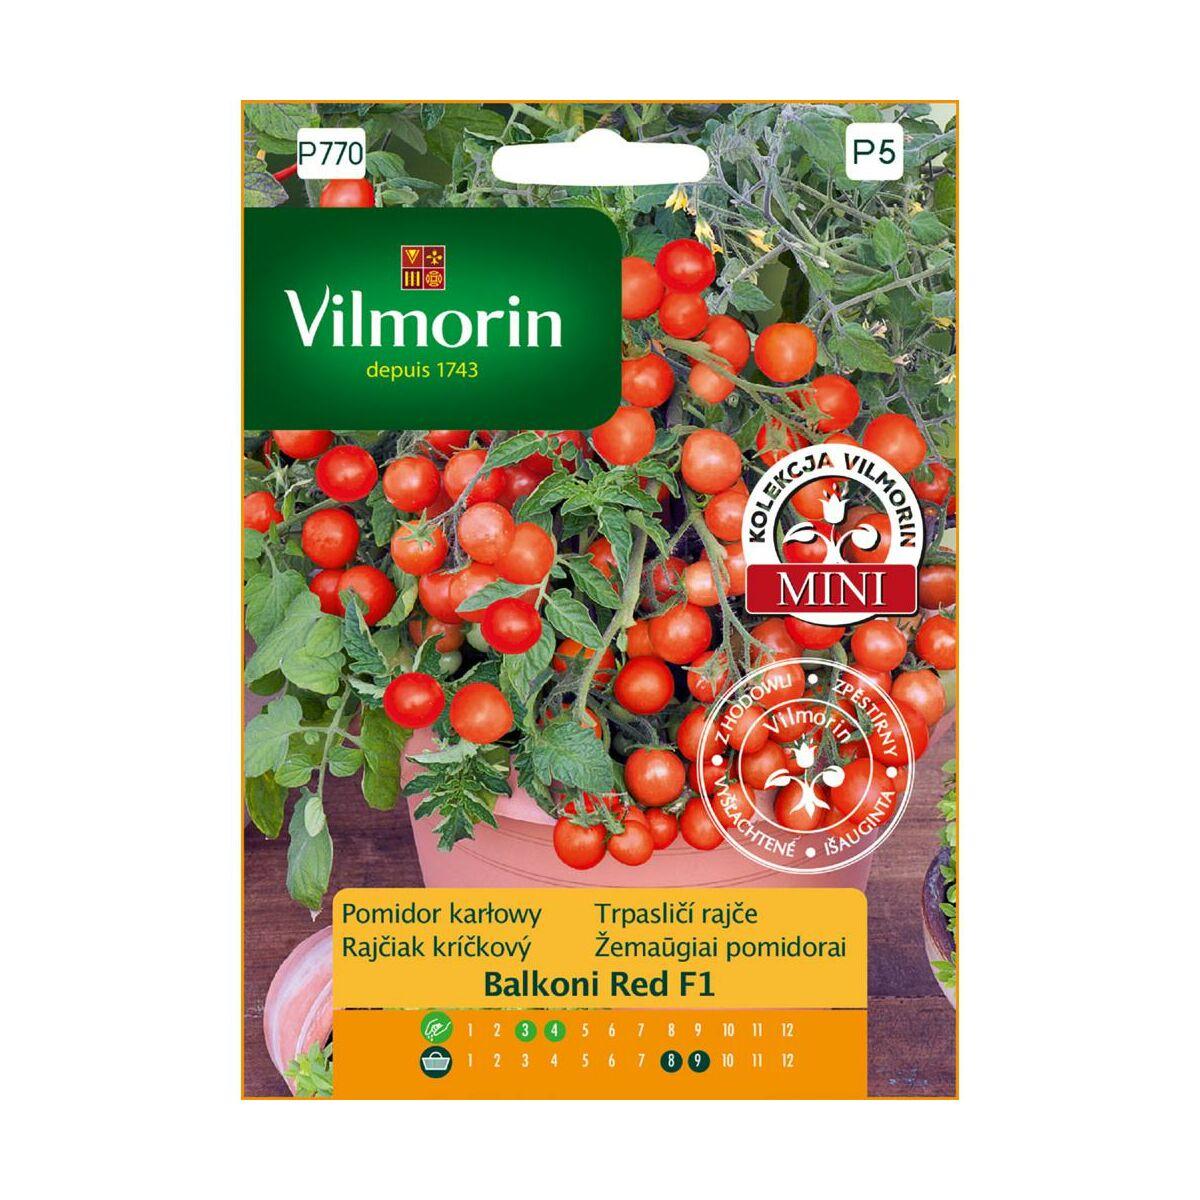 Pomidor karłowy BALCONI RED MIESZANIEC F1 nasiona tradycyjne 0.1 g VILMORIN